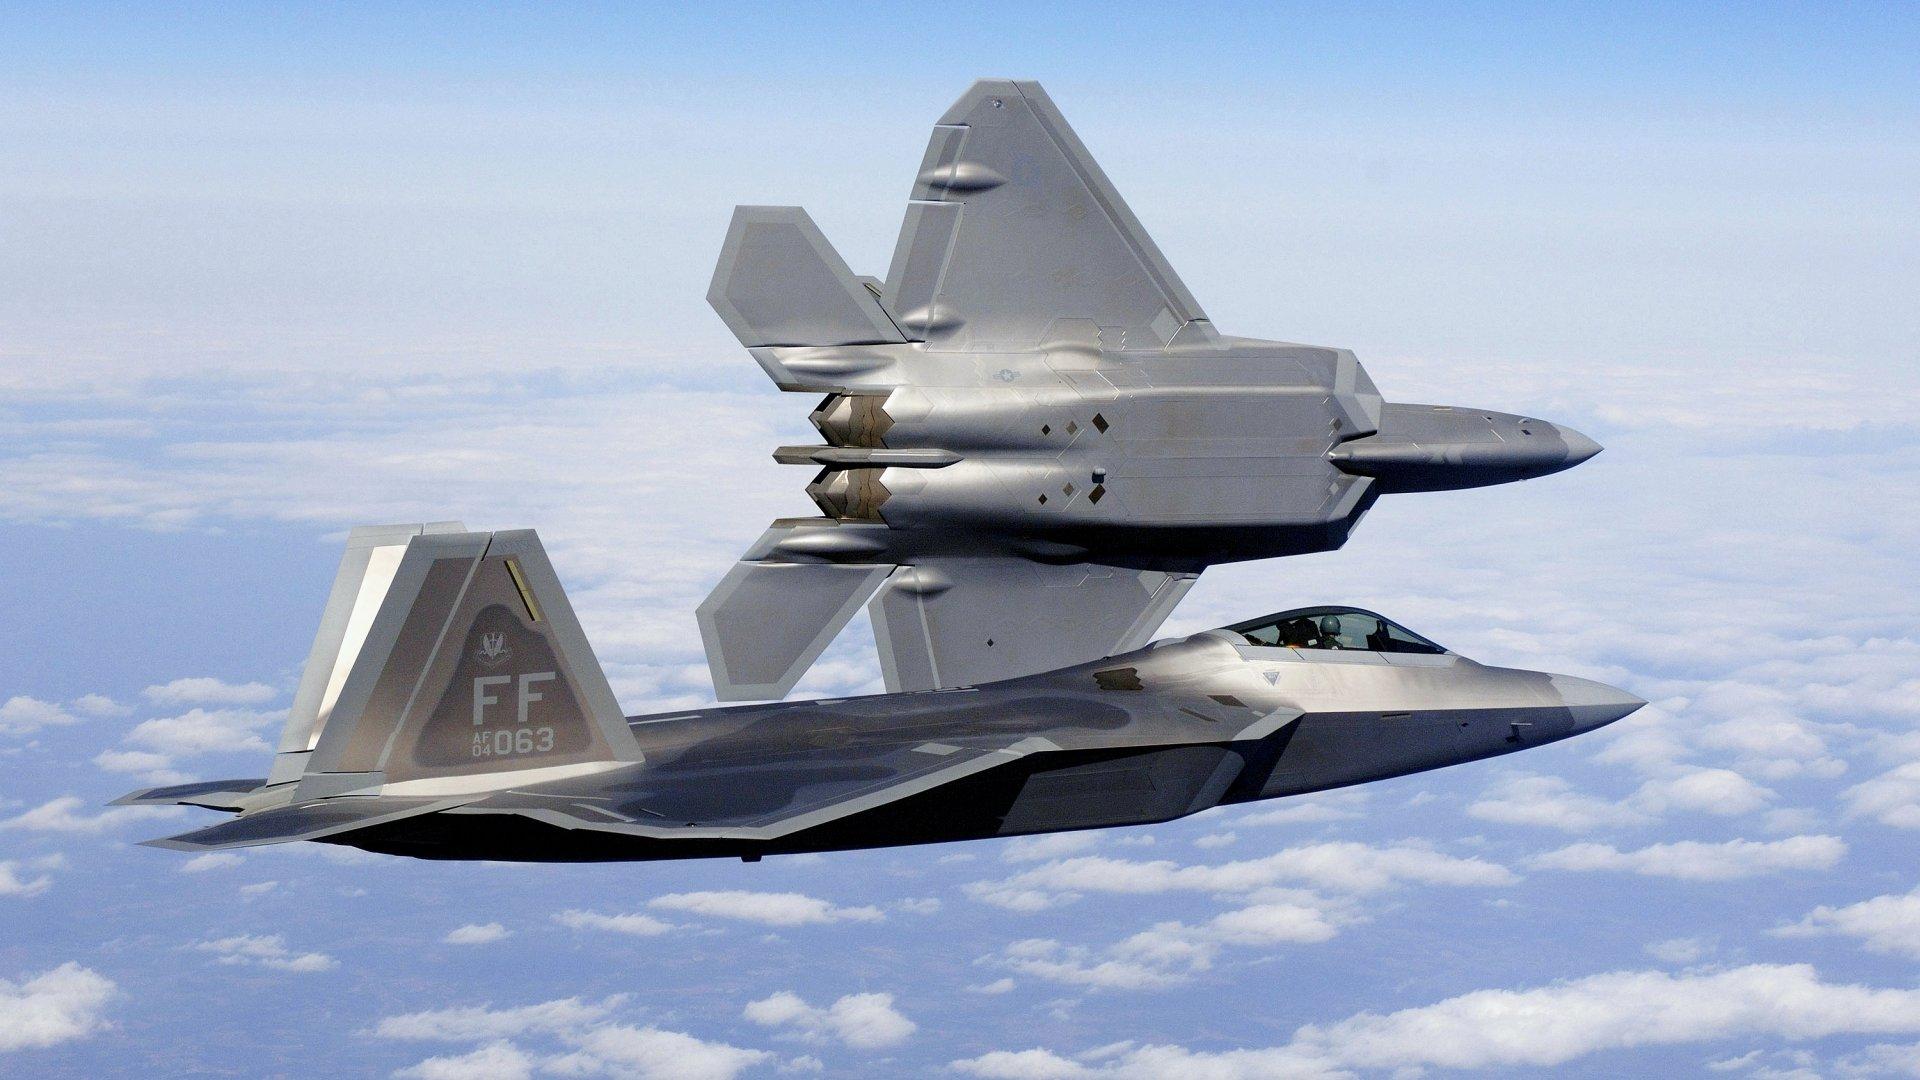 Free Download Lockheed Martin F 22 Raptor Wallpaper Id 446247 Full